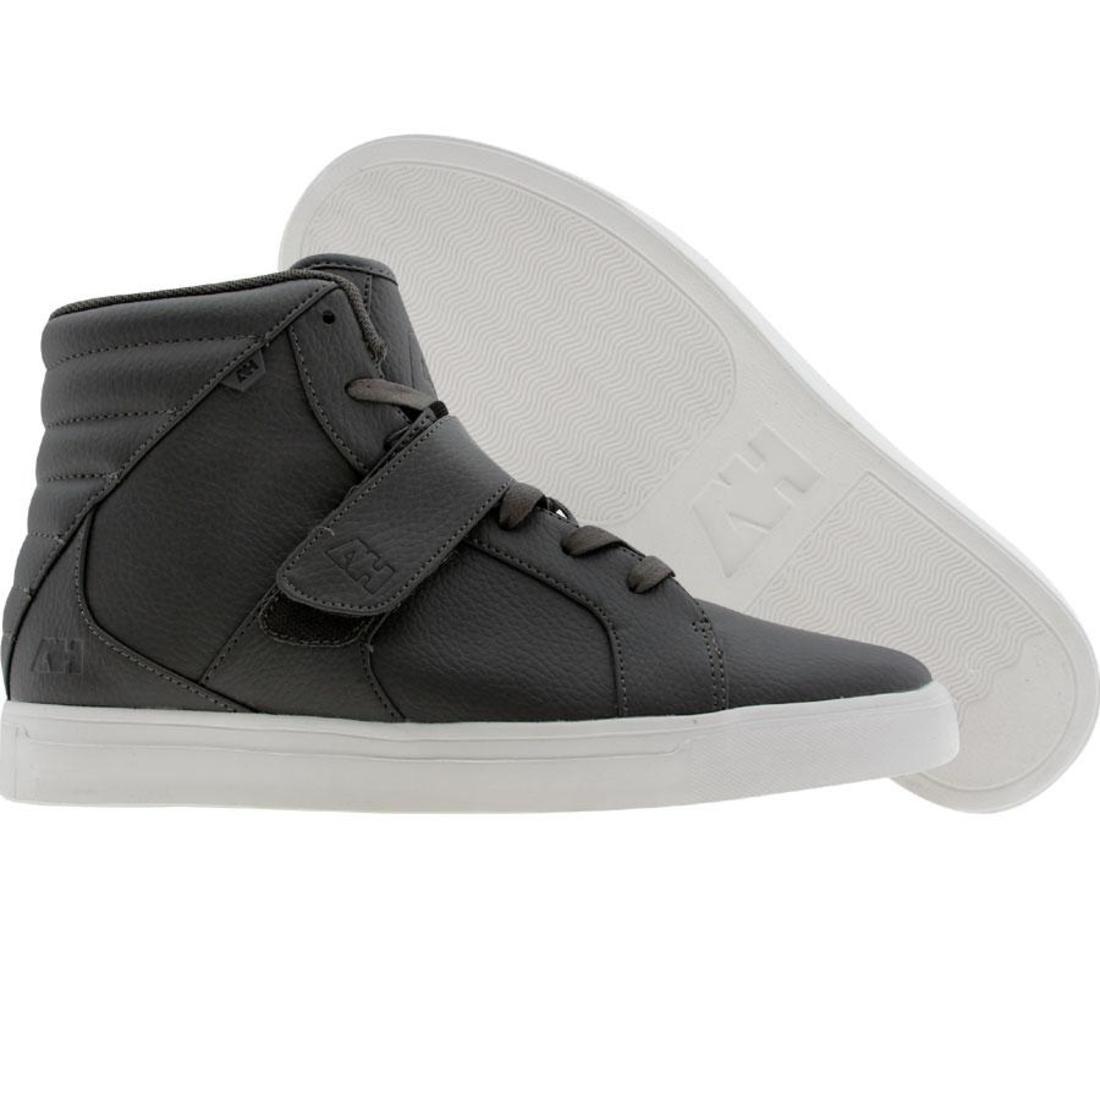 【海外限定】ミッド 靴 スニーカー 【 AH BY ANDROID HOMME DESIGNED MID GREY 】